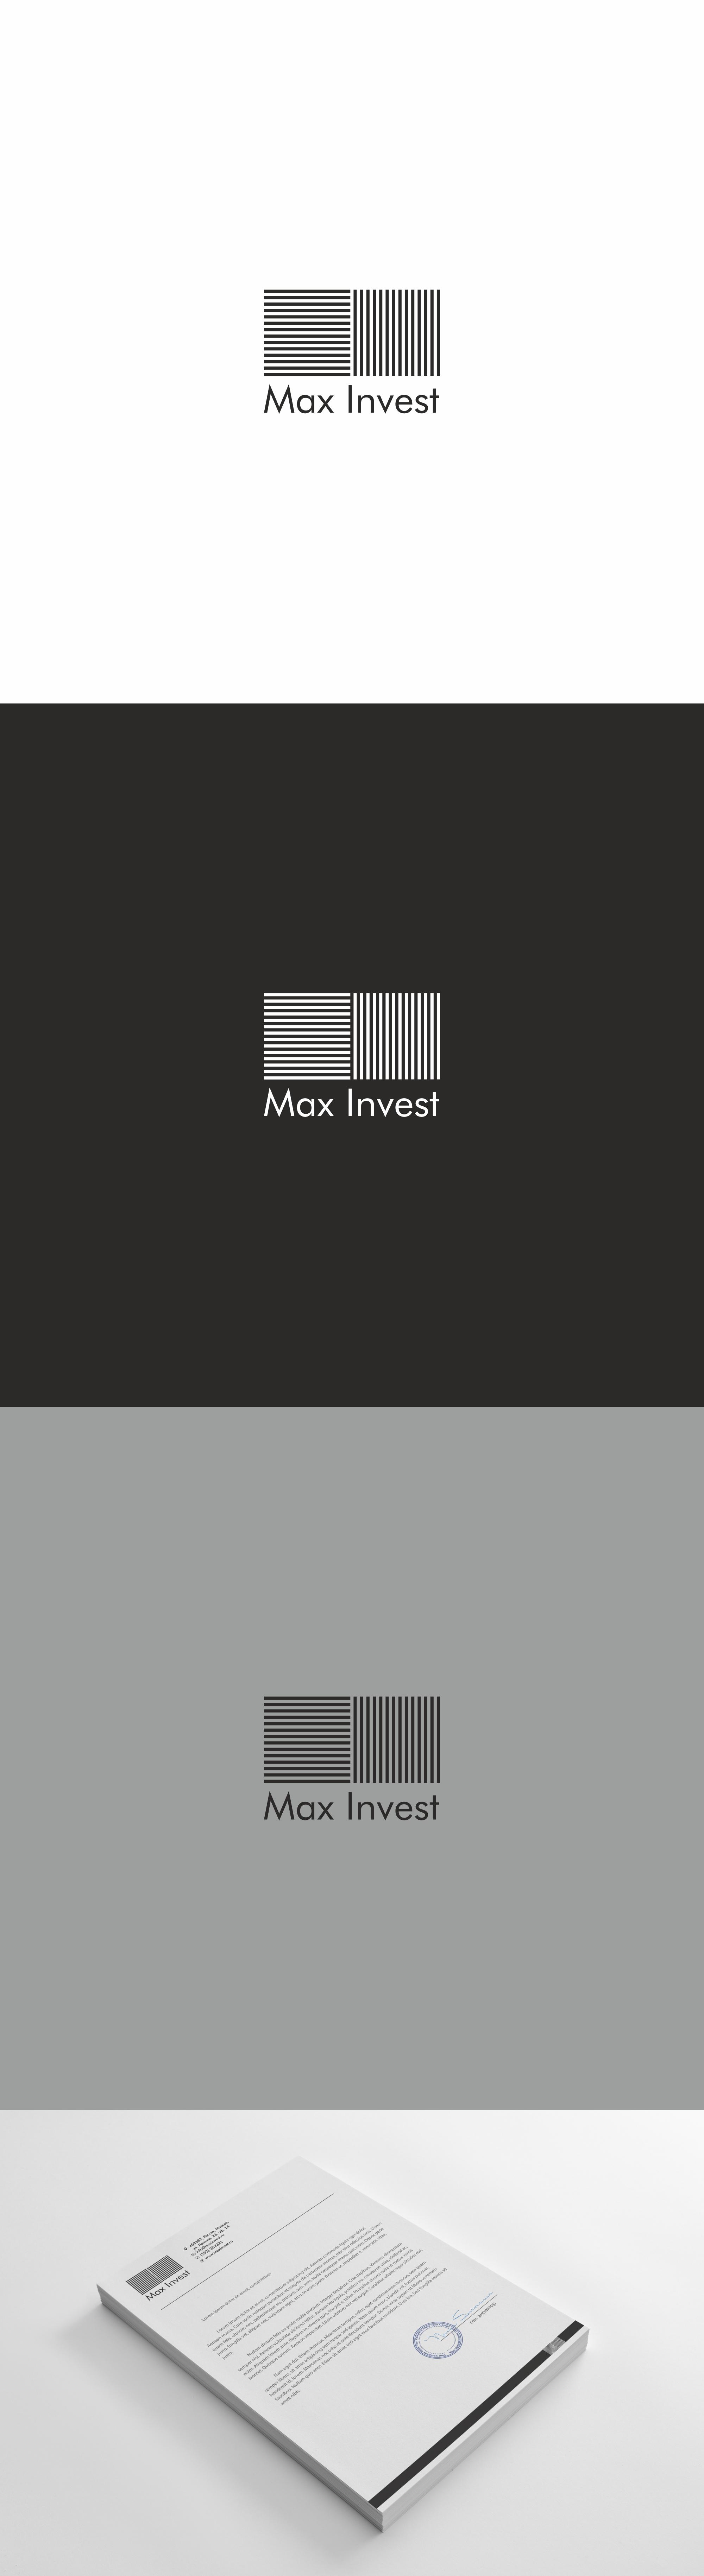 Логотип, фирменный шрифт, фирменный бланк фото f_9345addfee476ea0.jpg